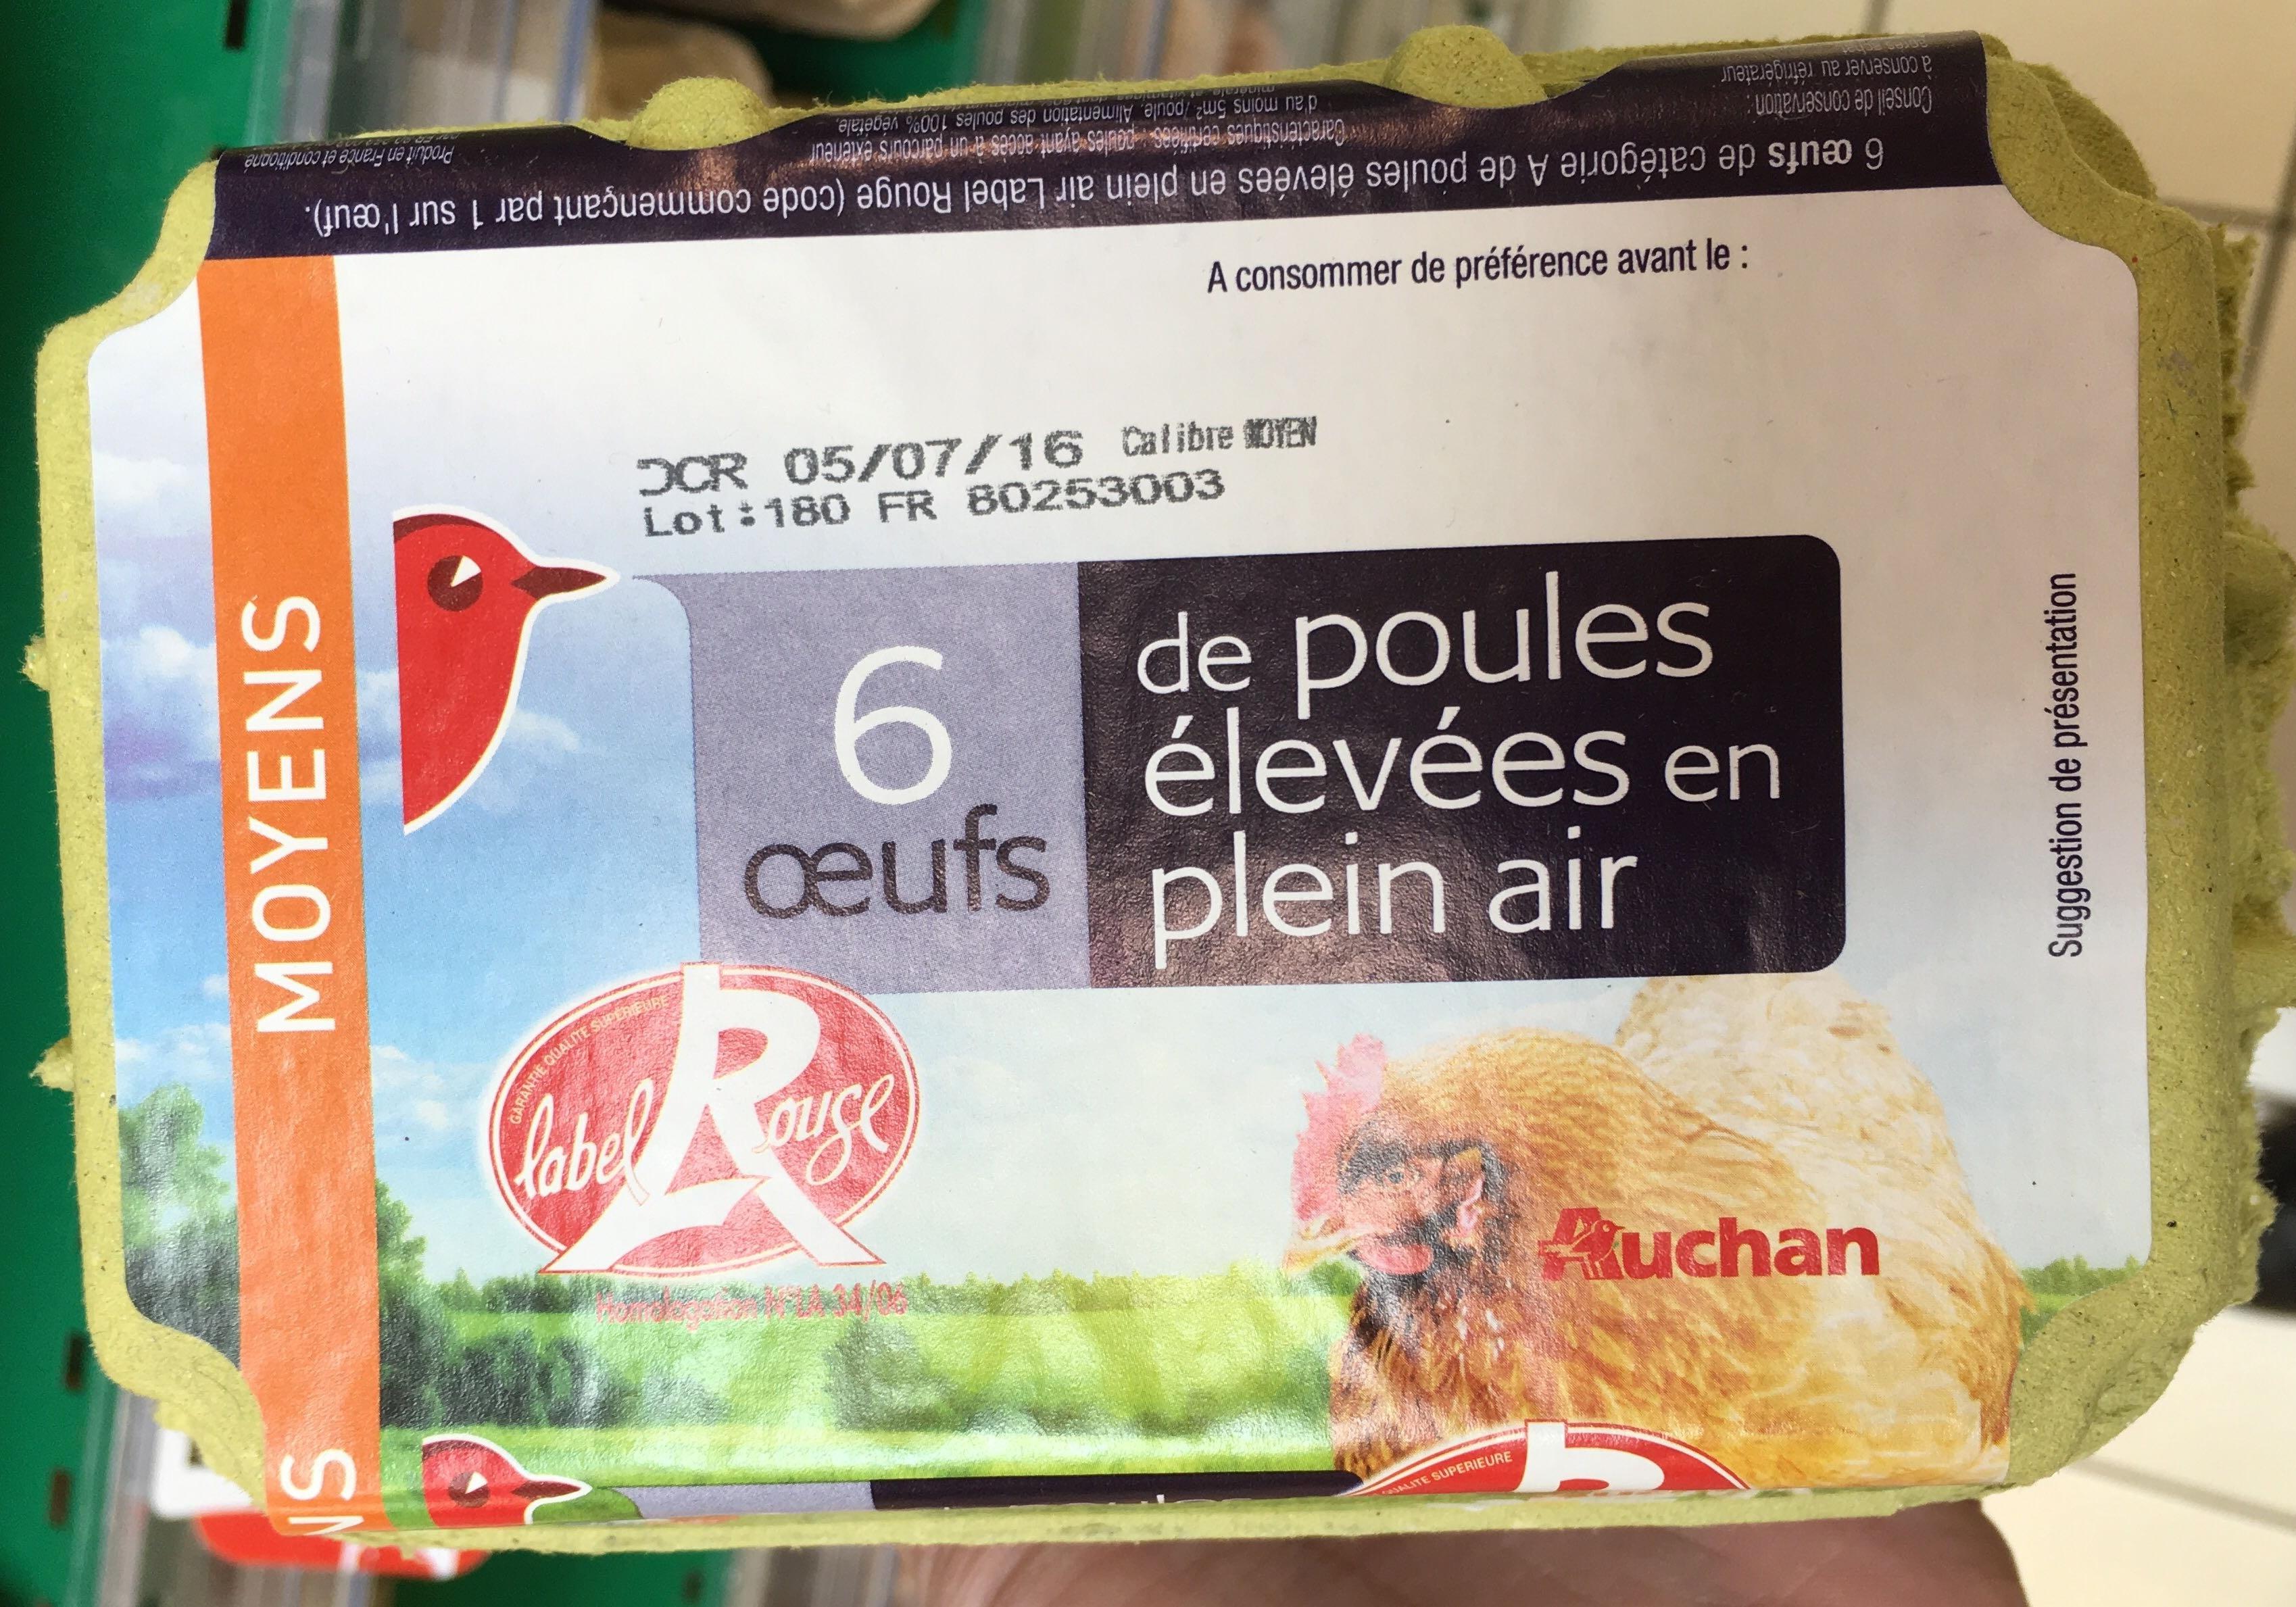 6 oeufs de poules élevées en plein air Moyens Label Rouge - Product - fr